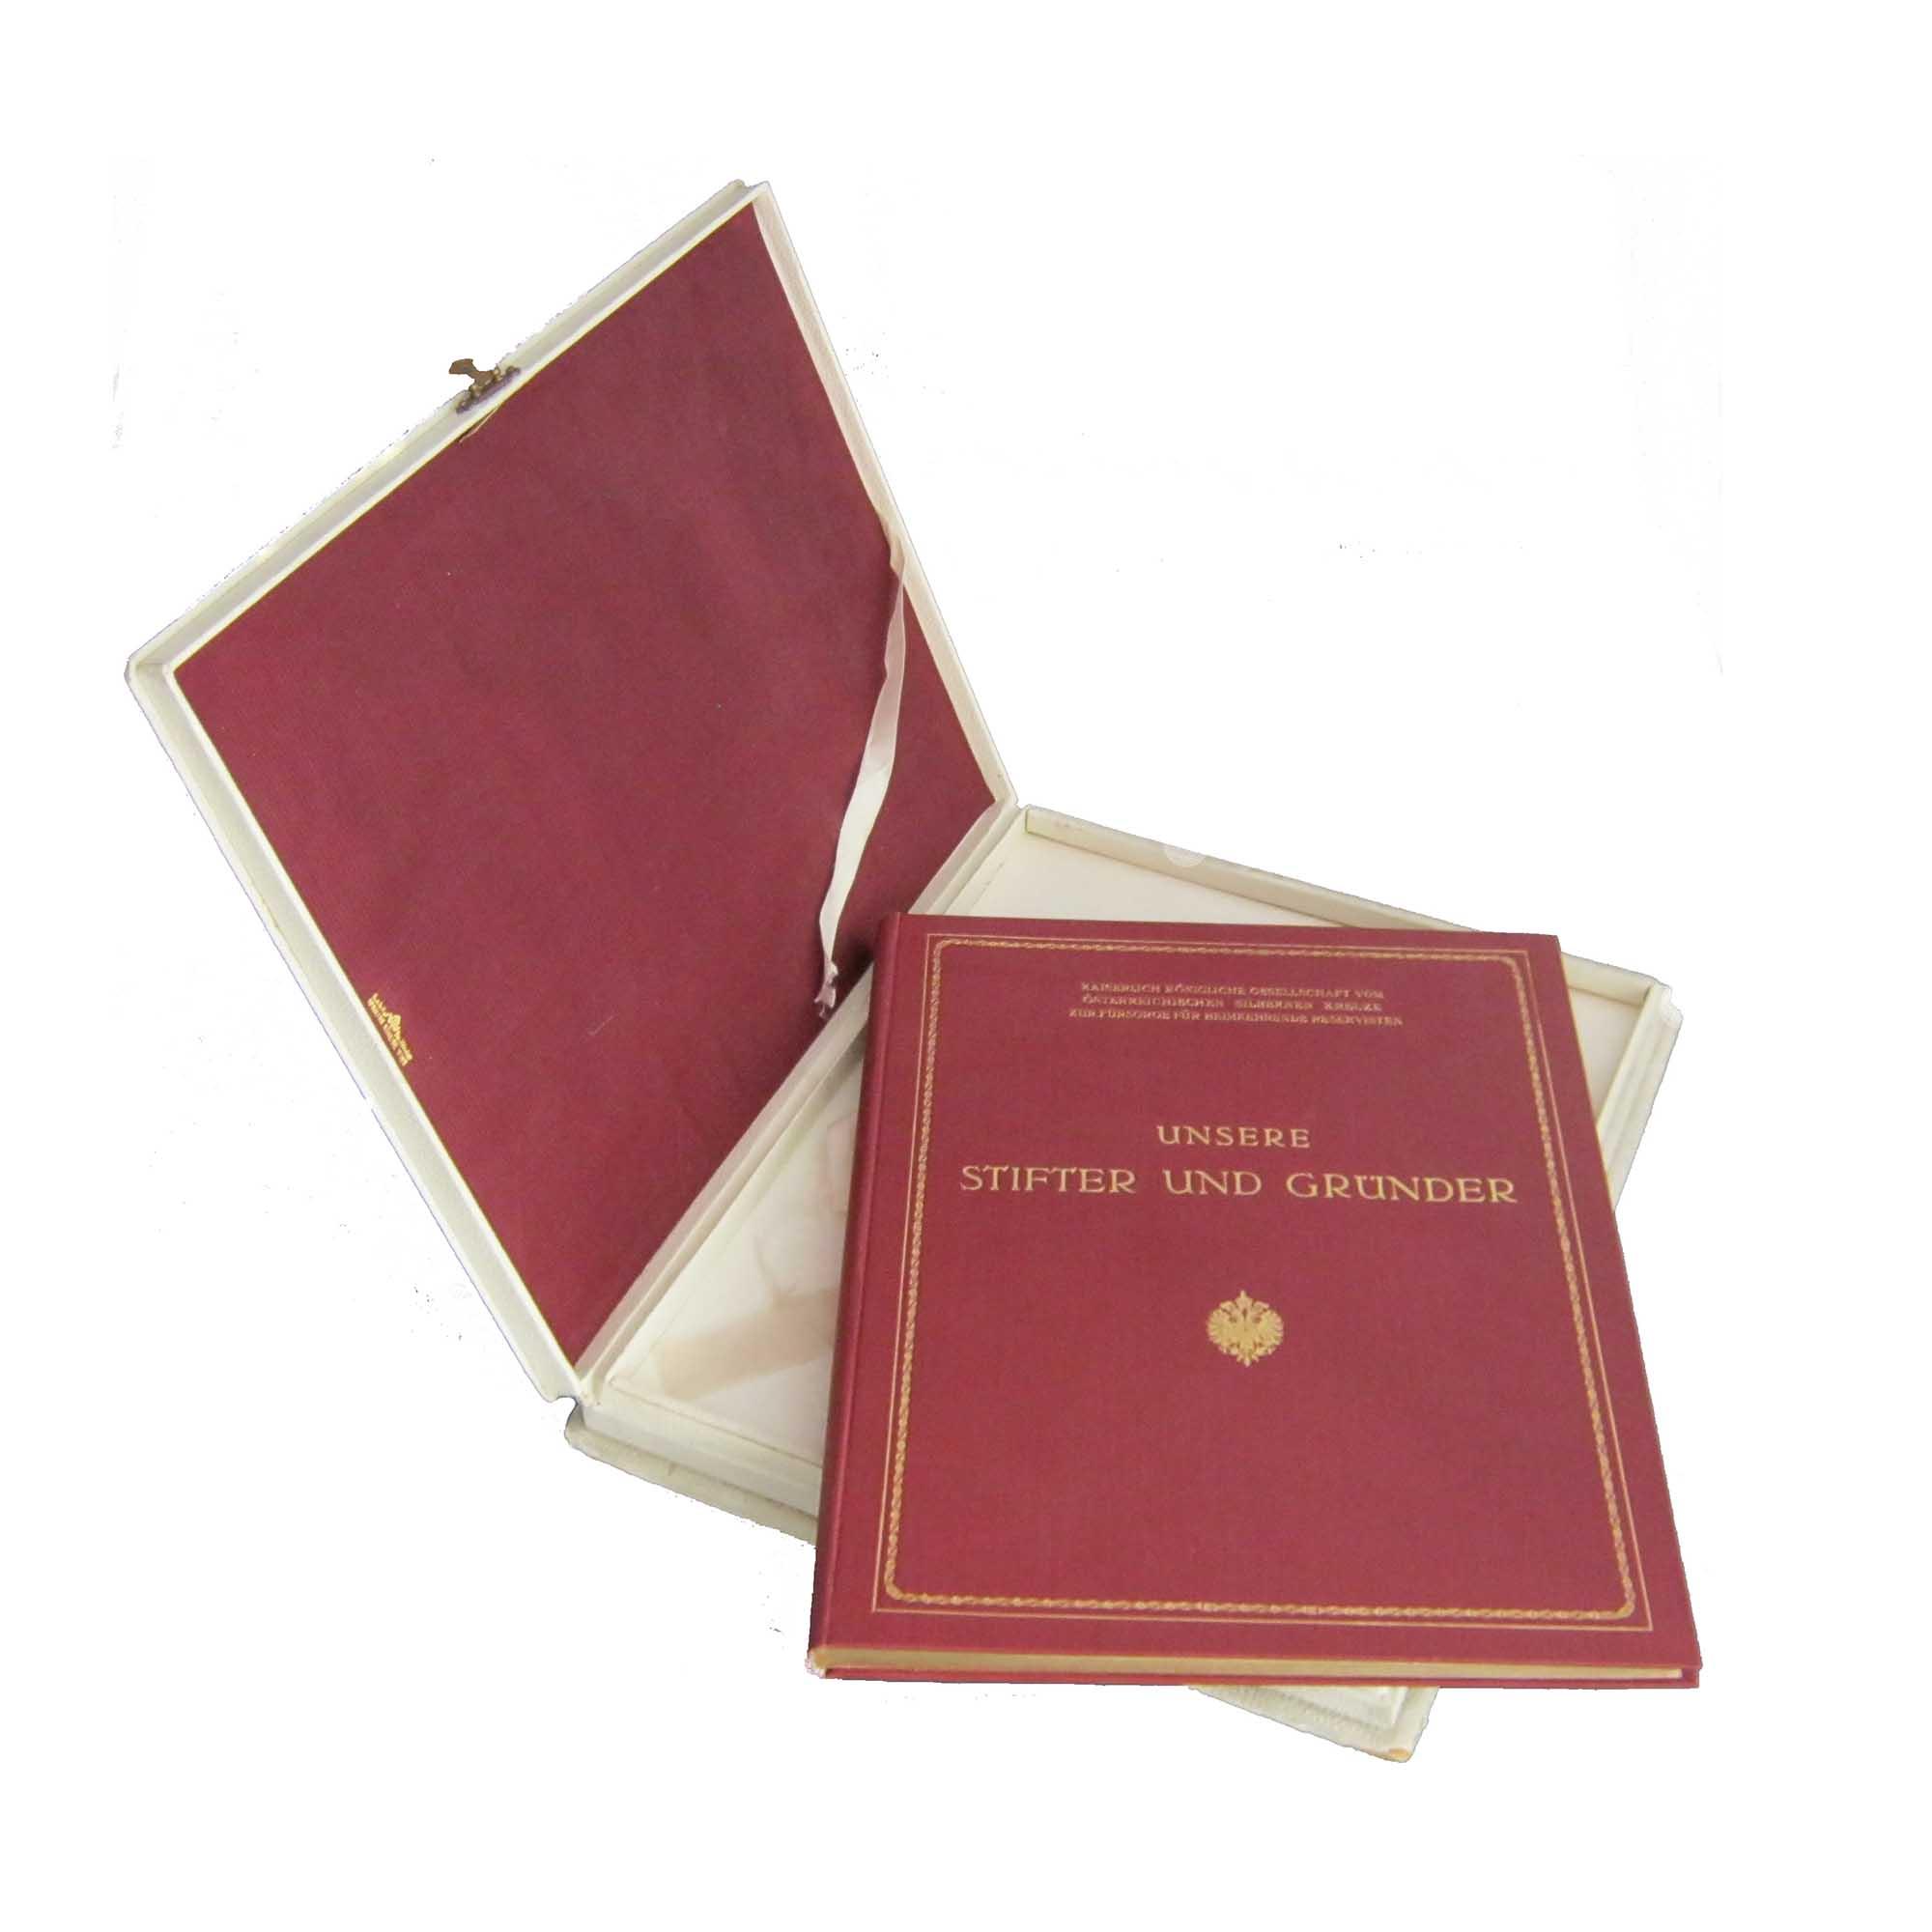 5260-Gedenkbuch-Silbernes-Kreuz-1917-Kassette-Einband-N.jpg